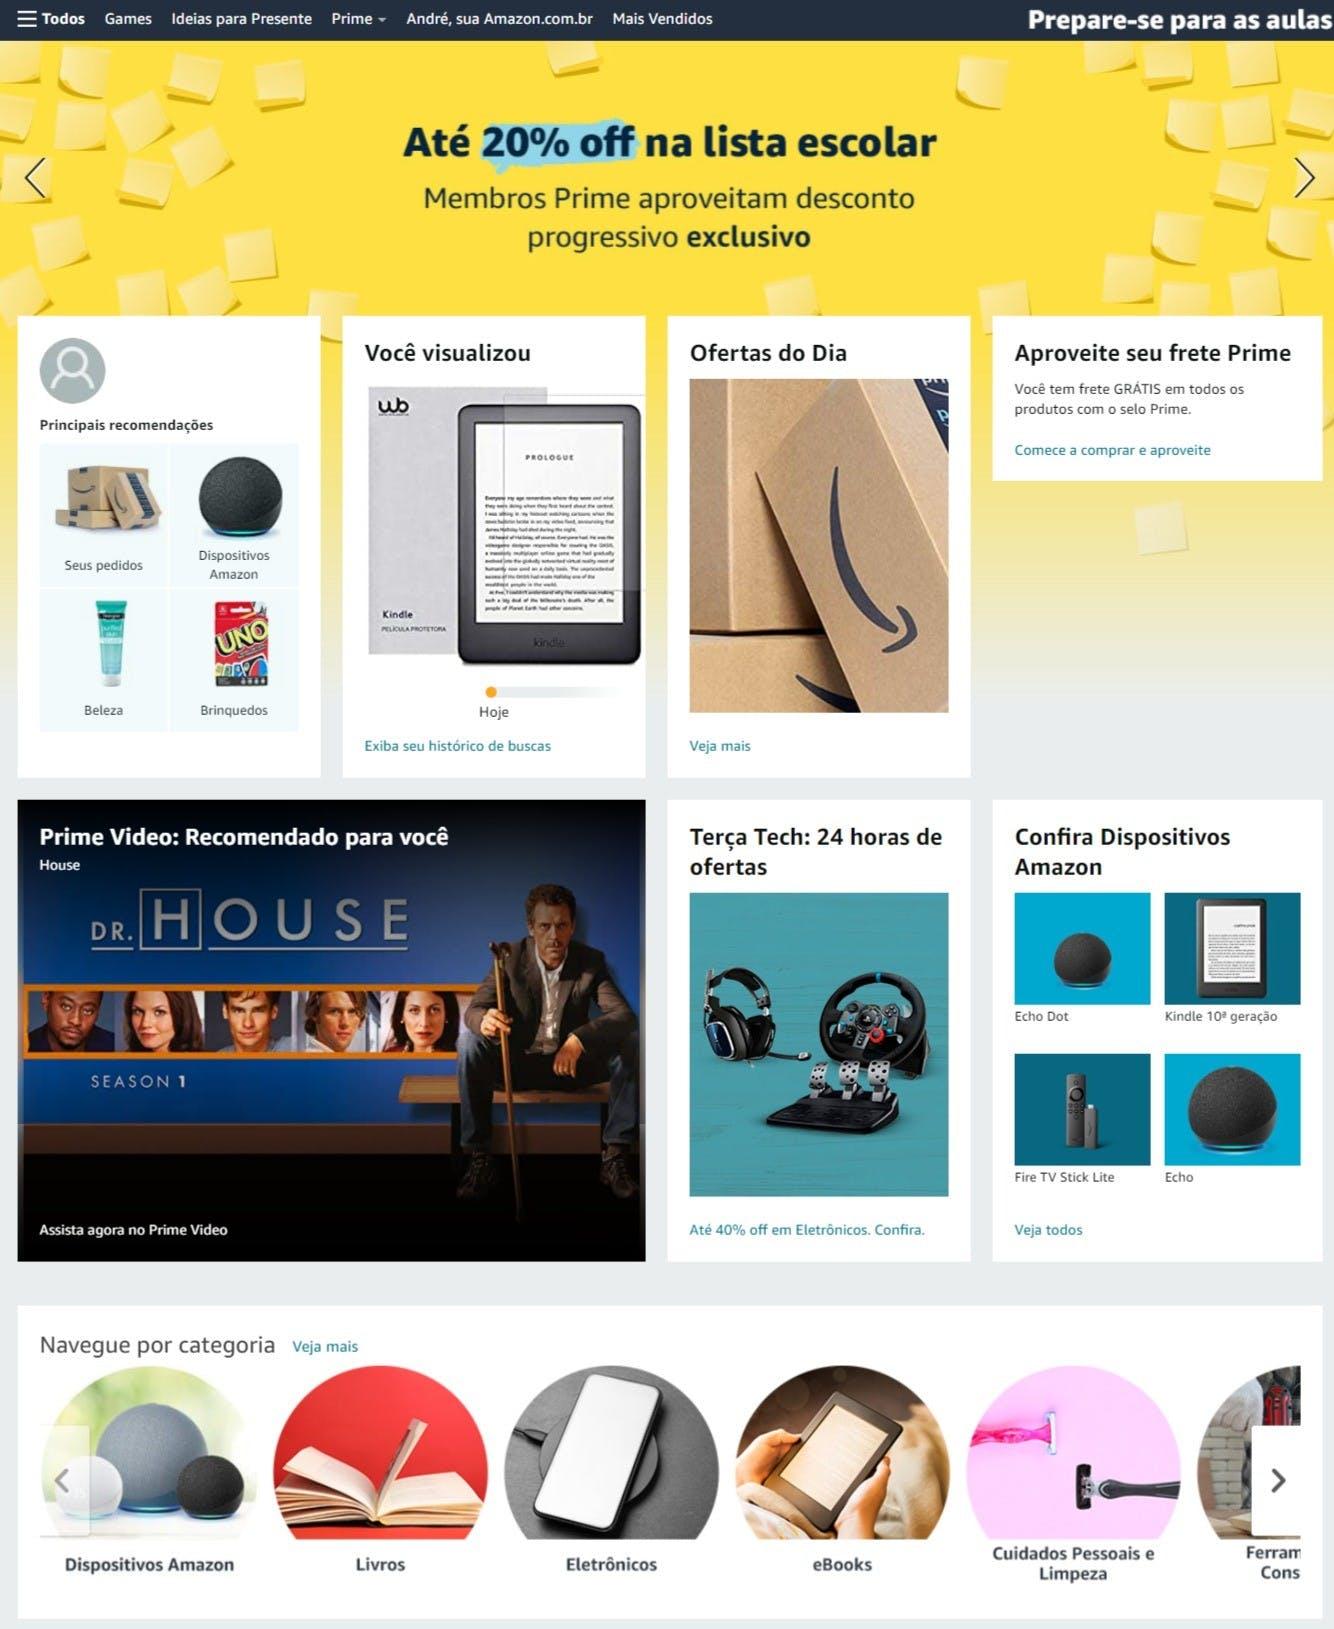 ofertas, produtos e categorias disponíveis no site da Amazon